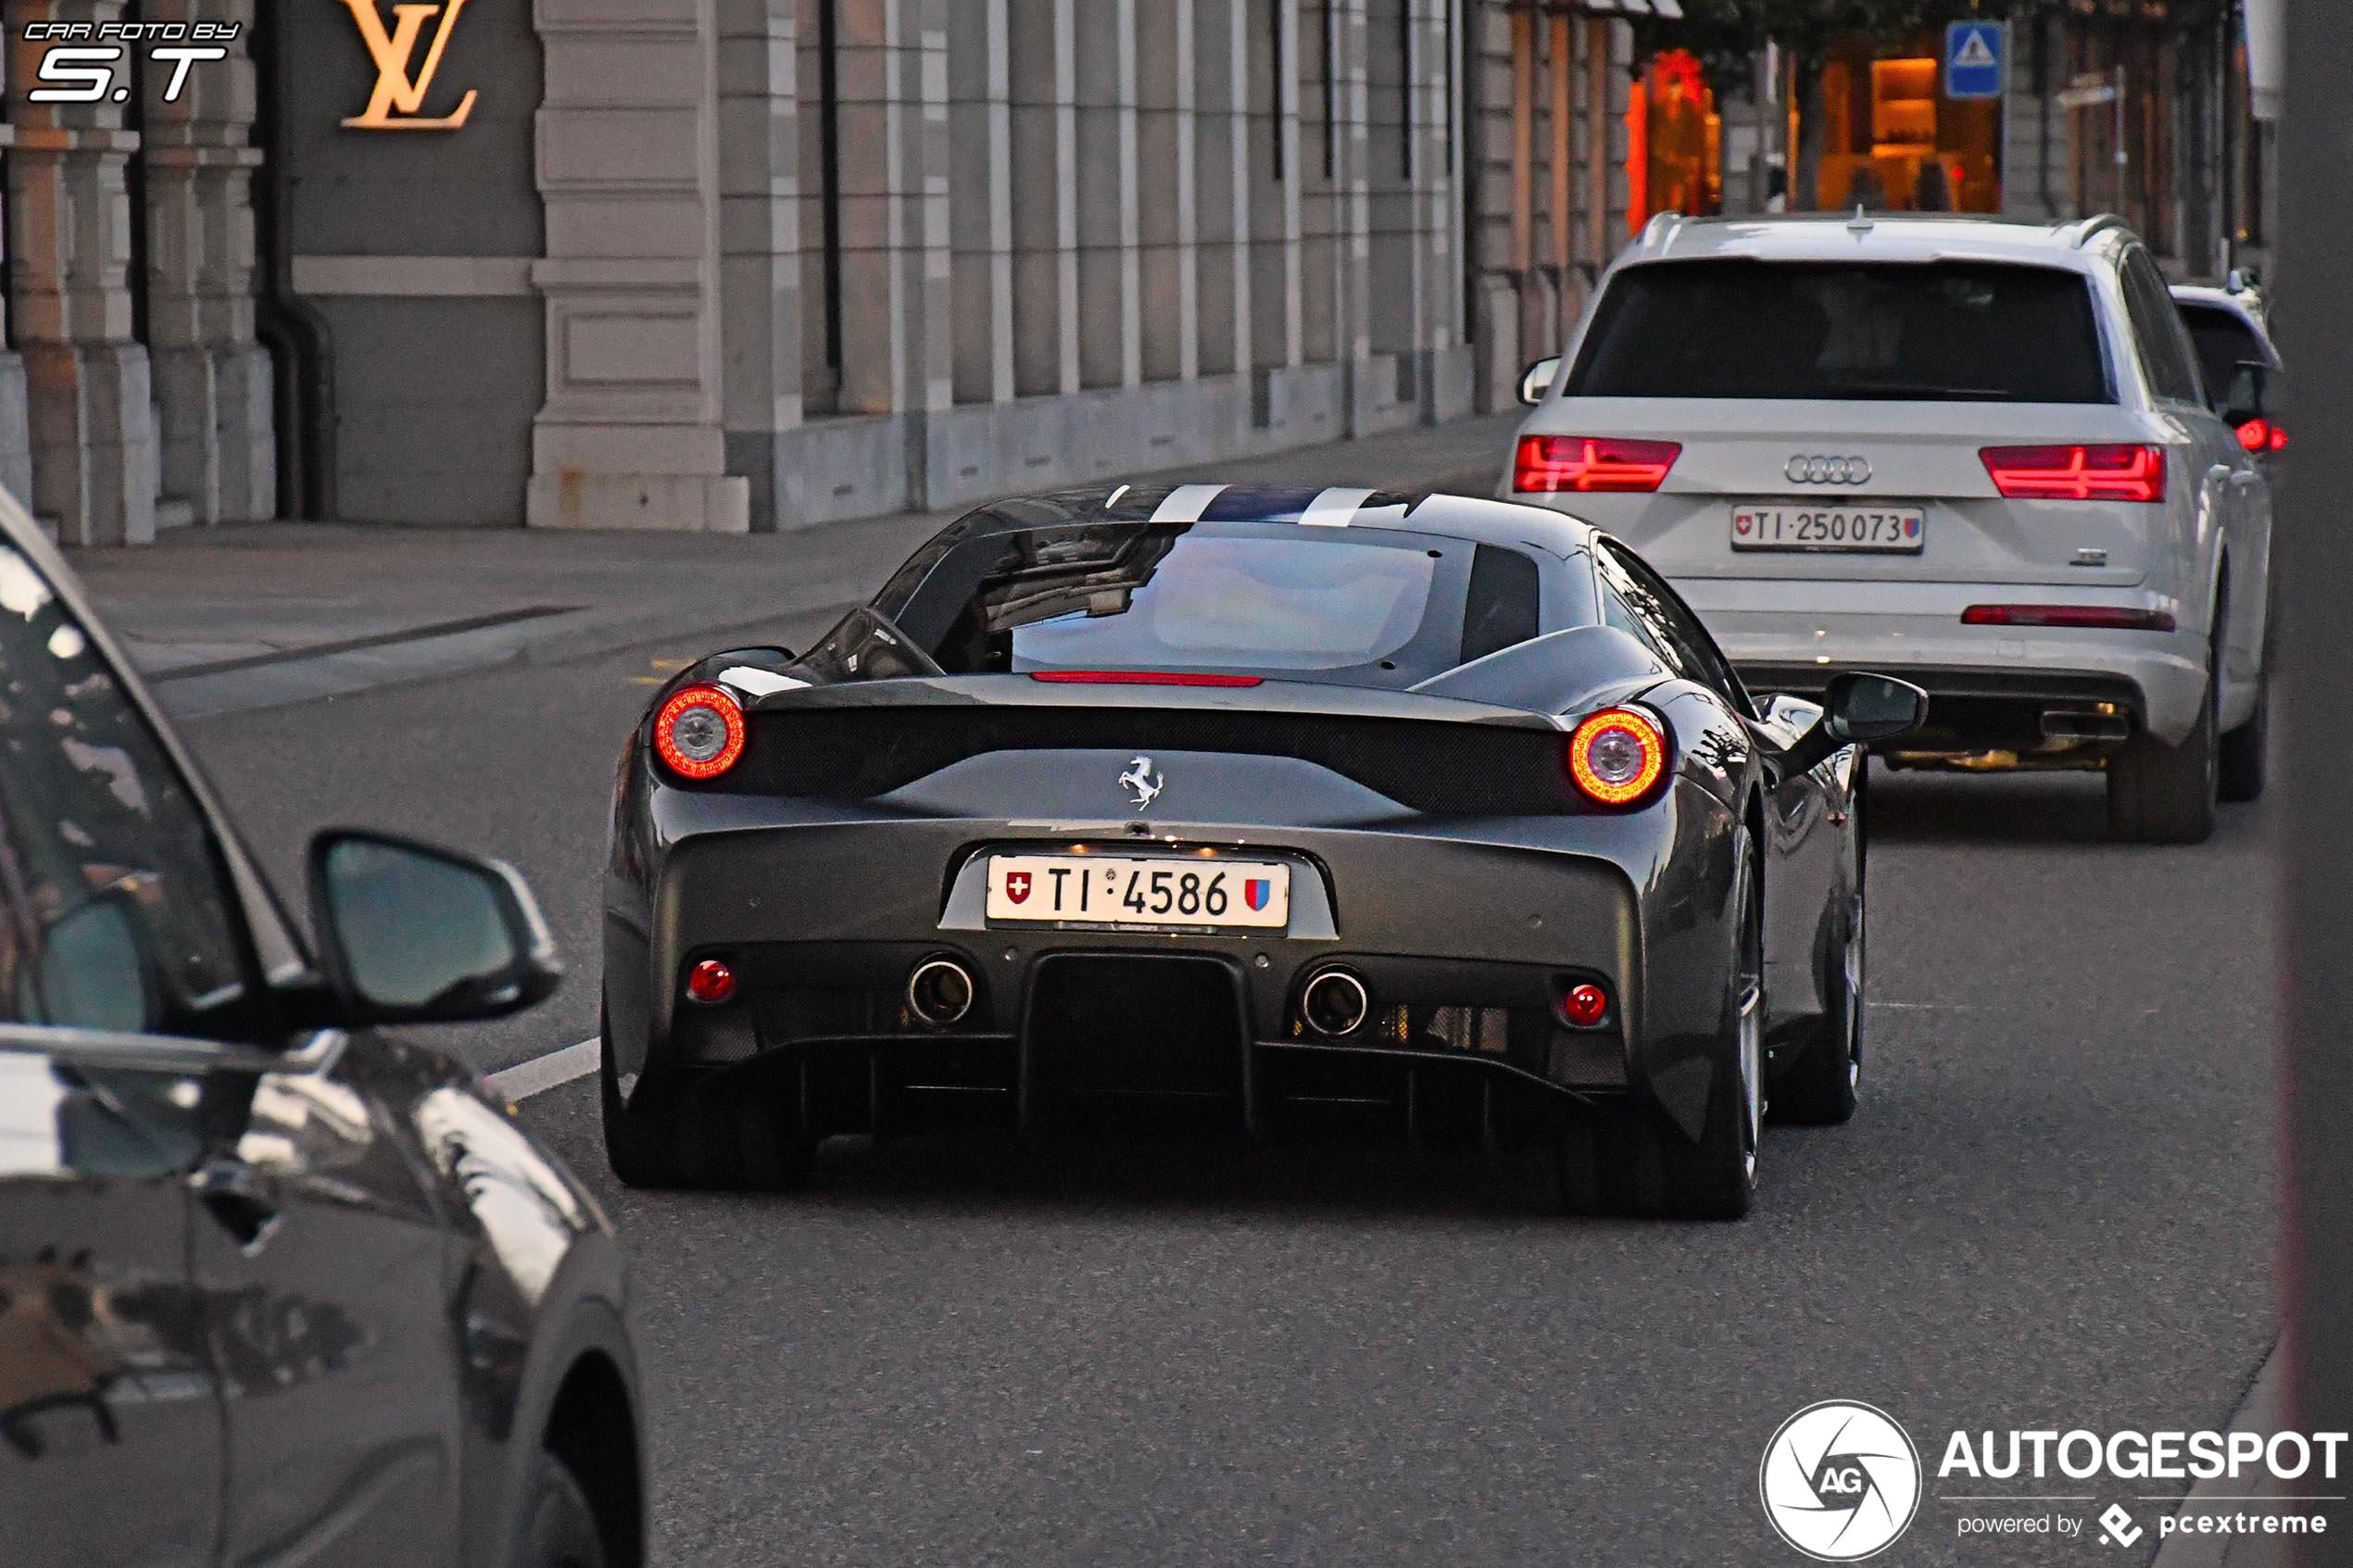 Nog altijd niets mis met de Ferrari 458 Speciale